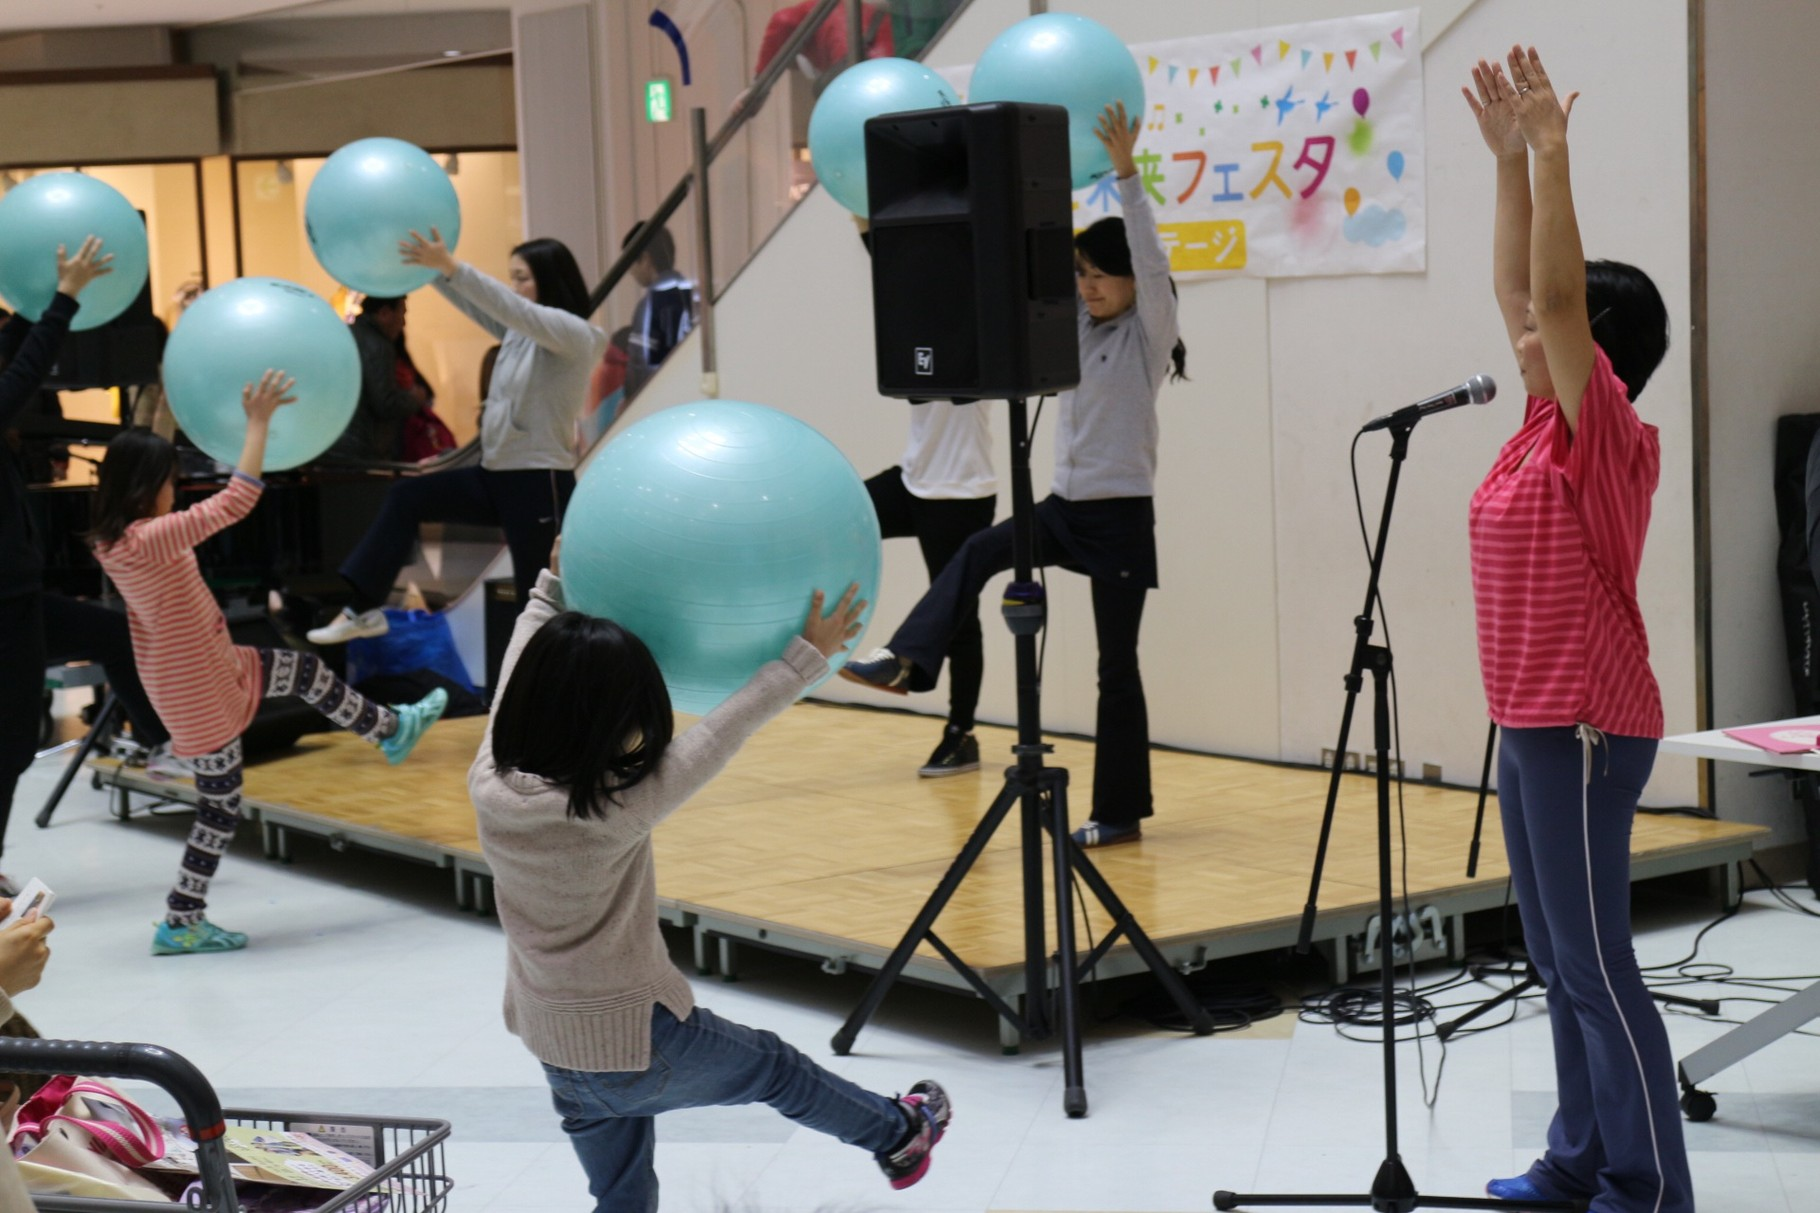 2015.03.01 おやこ未来フェスタでバランスボールレッスン開催!